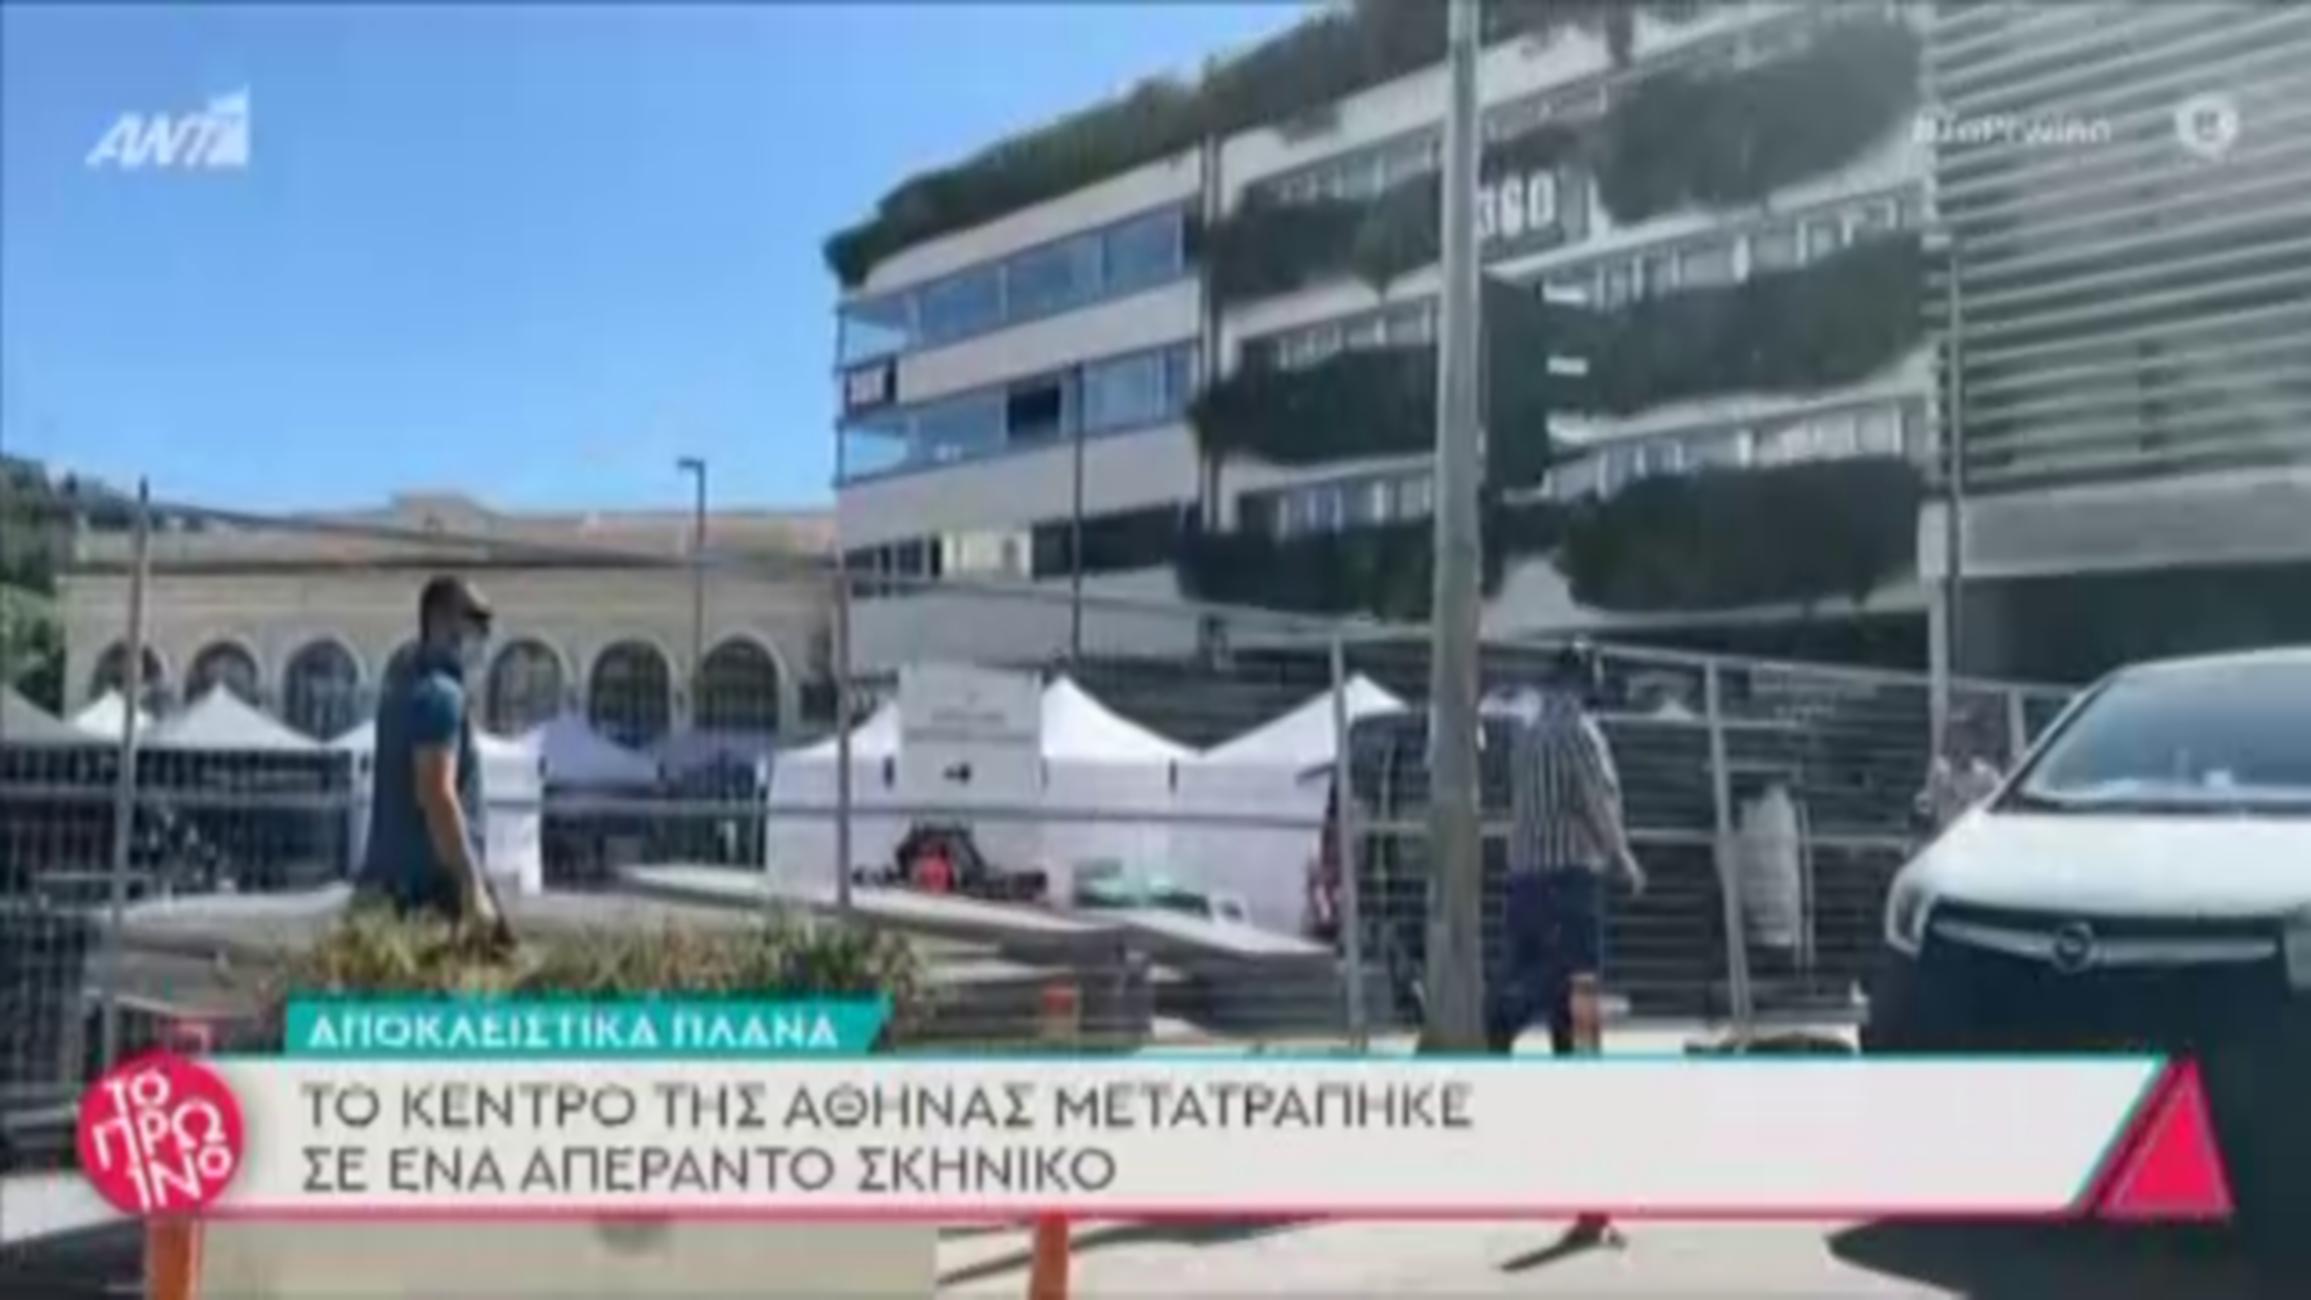 Έγινε Hollywood η Αθήνα για την ταινία του Αντετοκούνμπο